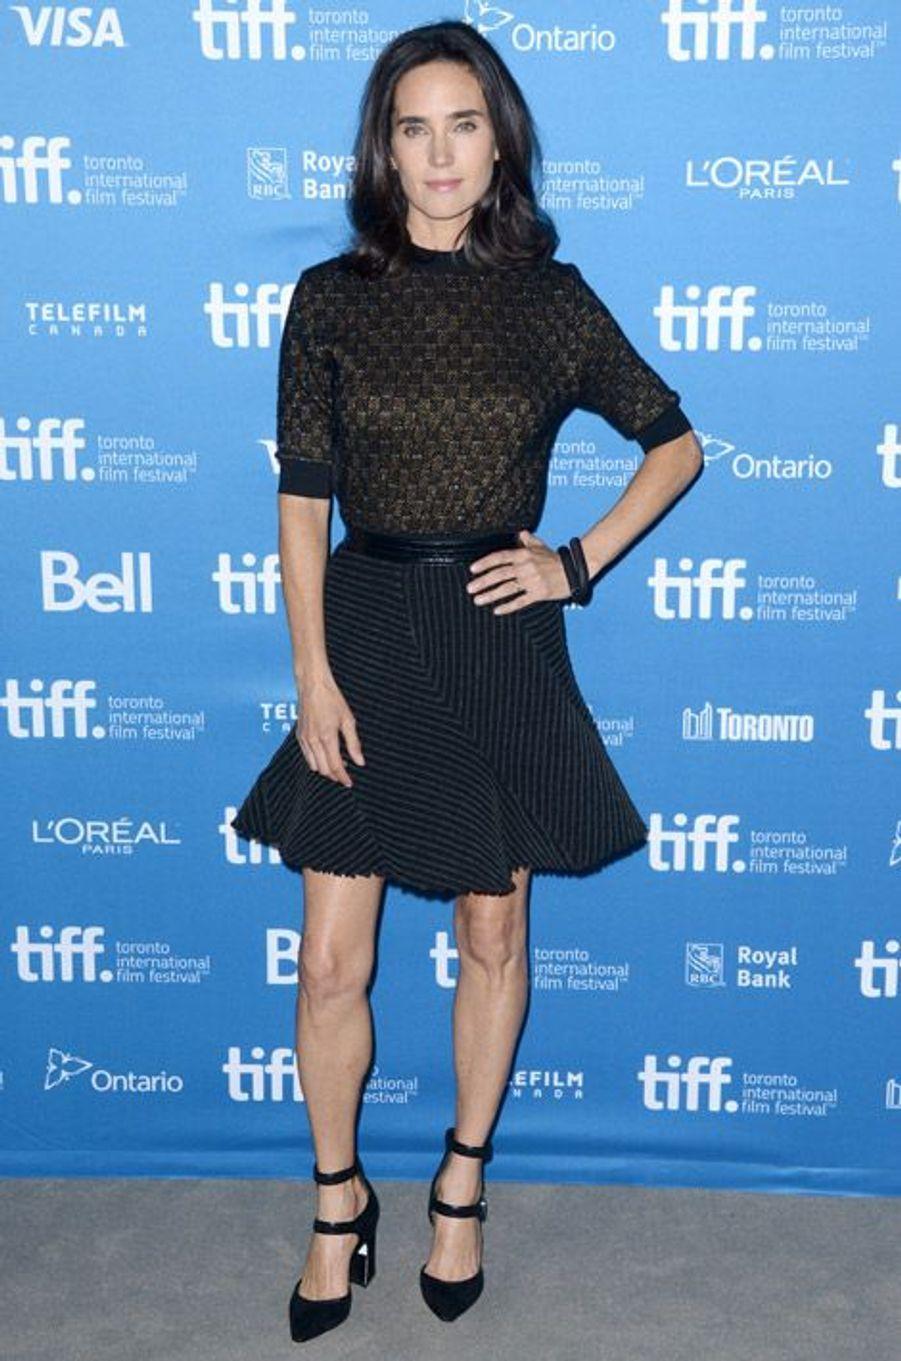 L'actrice Jennifer Connelly lors du photocall du film Shelter au festivail du film de Toronto, le 12 septembre 2014